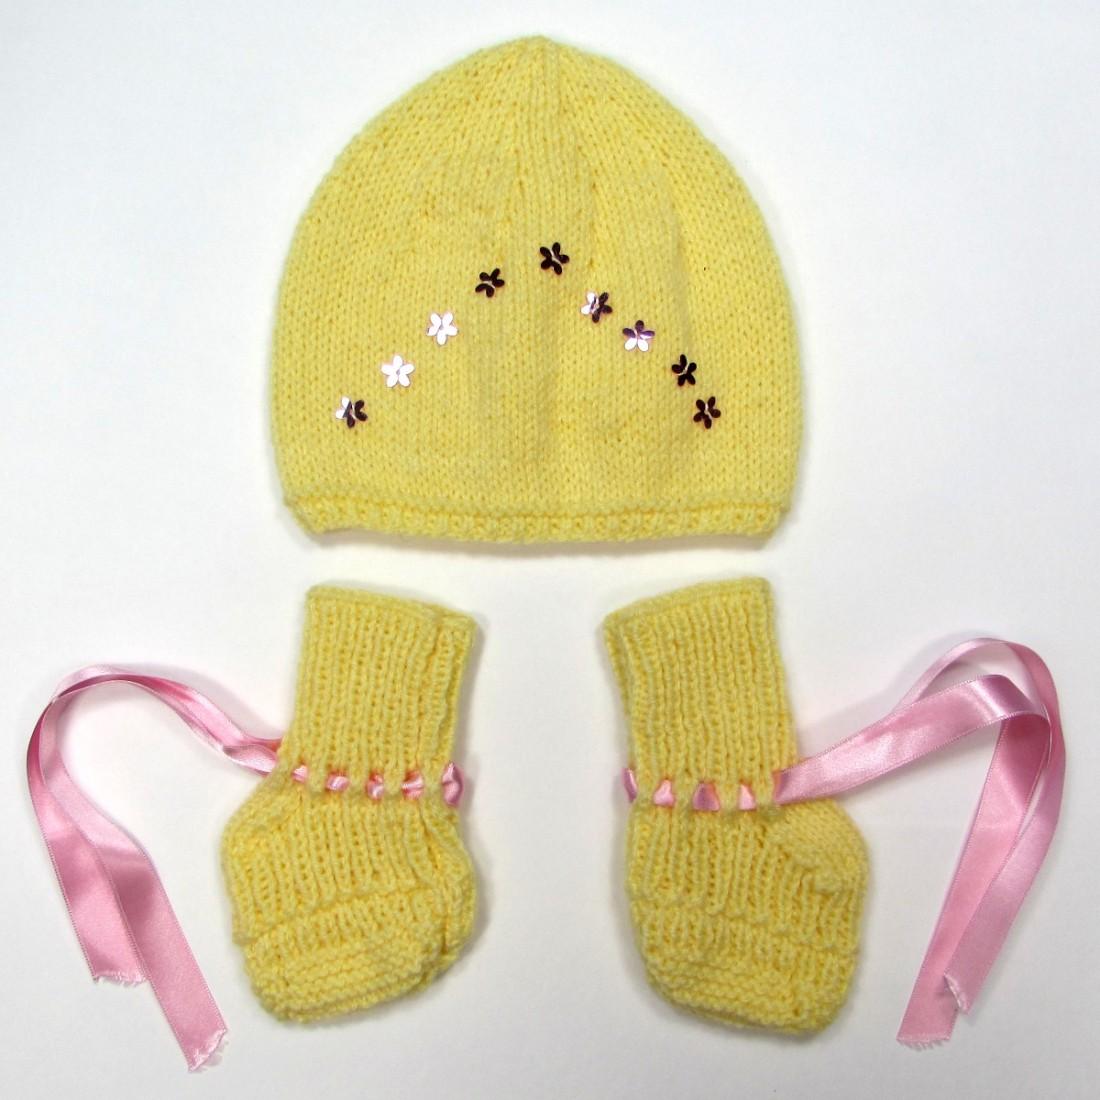 668072faecf8 Bonnet chaussons tricot jaune poussin ruban paillettes naissance fille